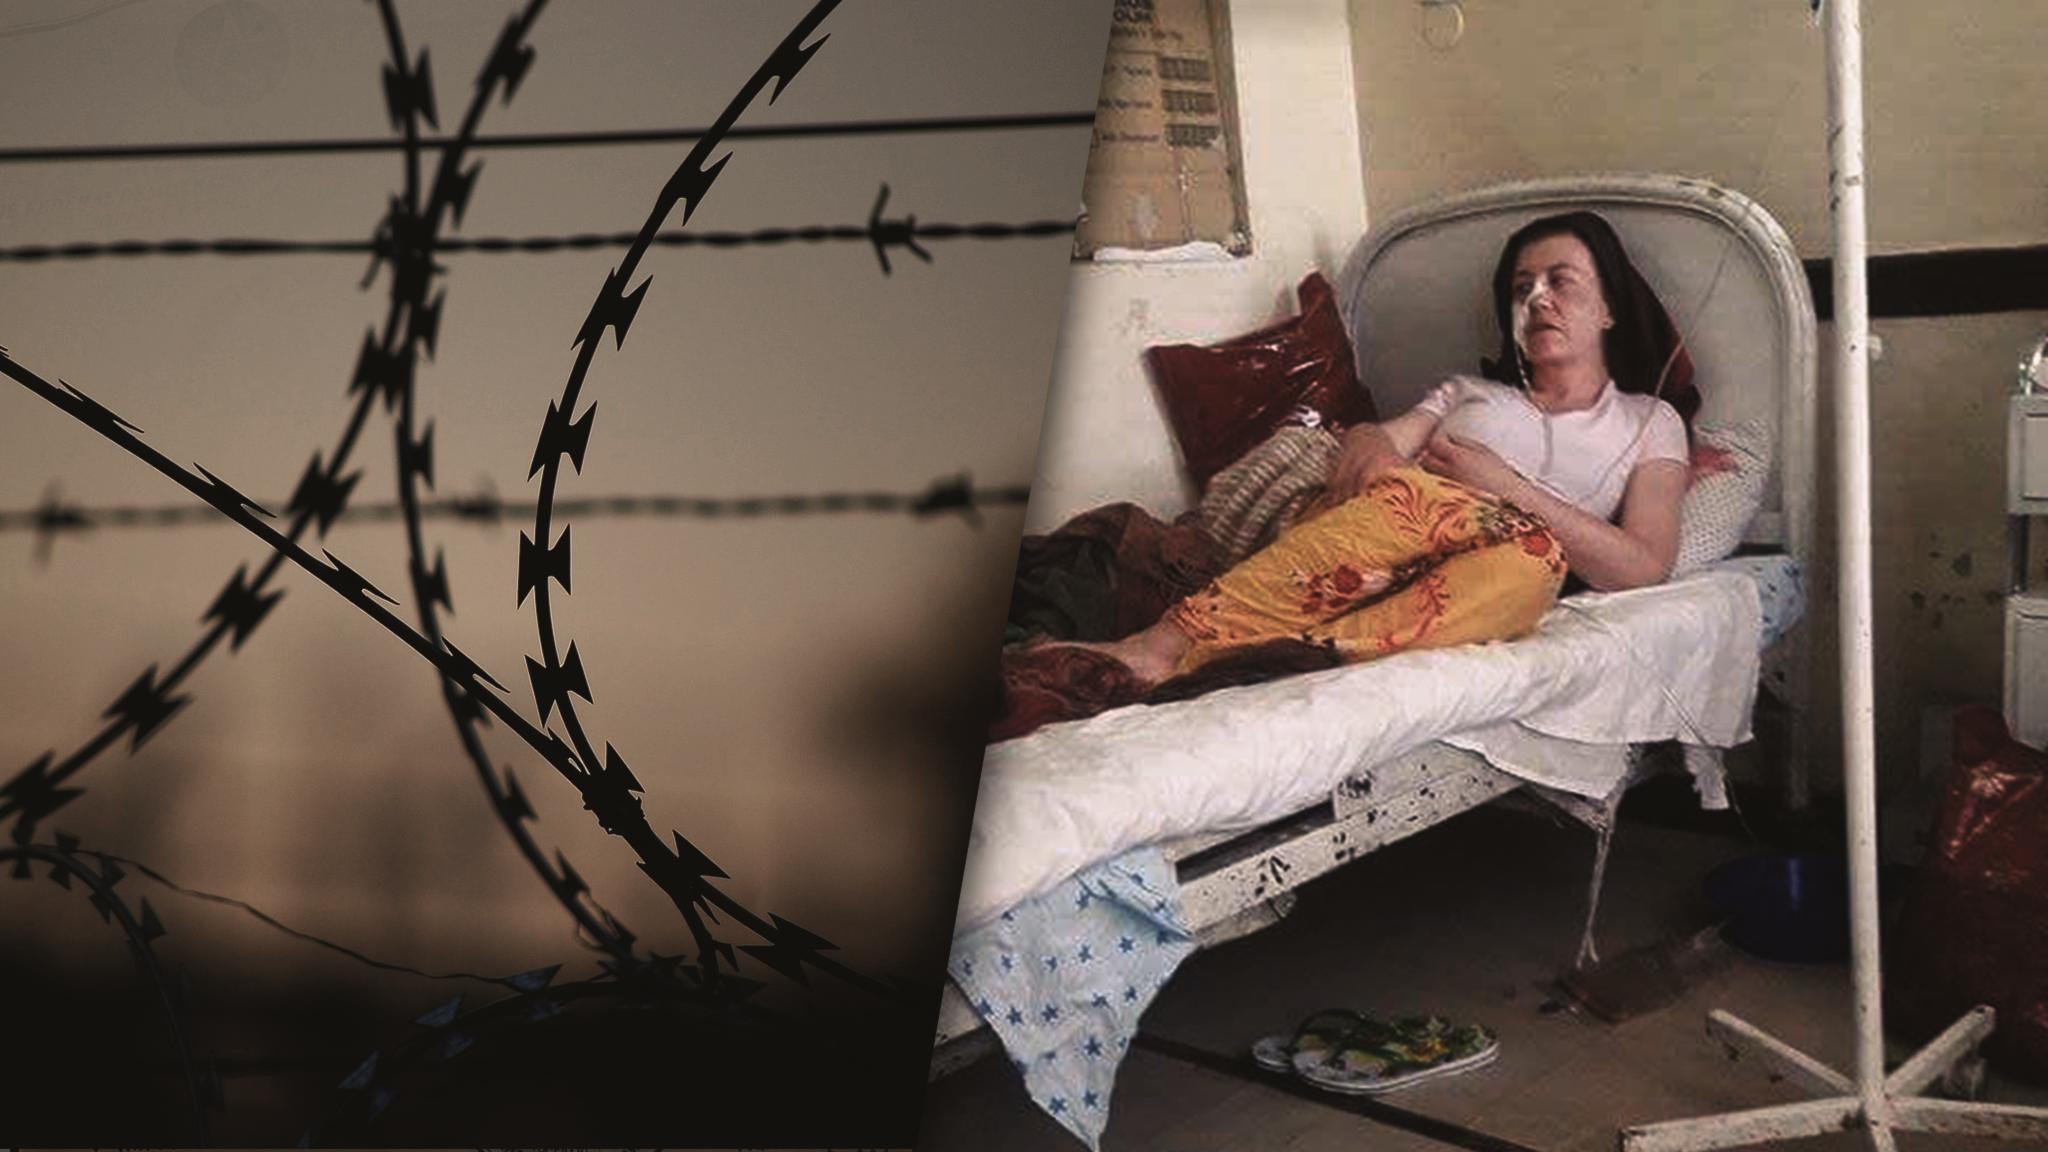 Ingela döms till 25 år i Etiopiskt fängelse.